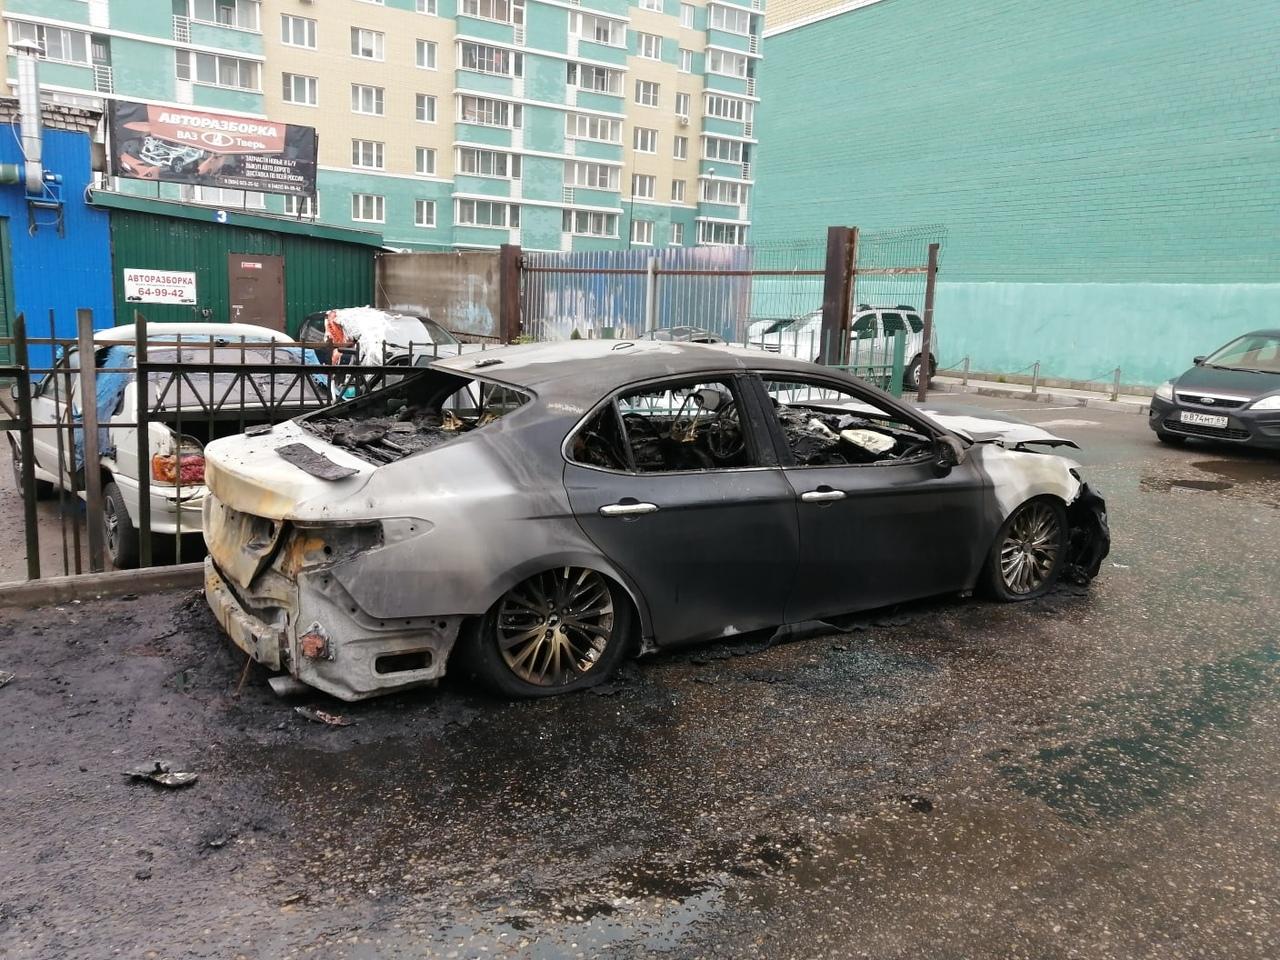 Две иномарки сгорели под утро в Твери